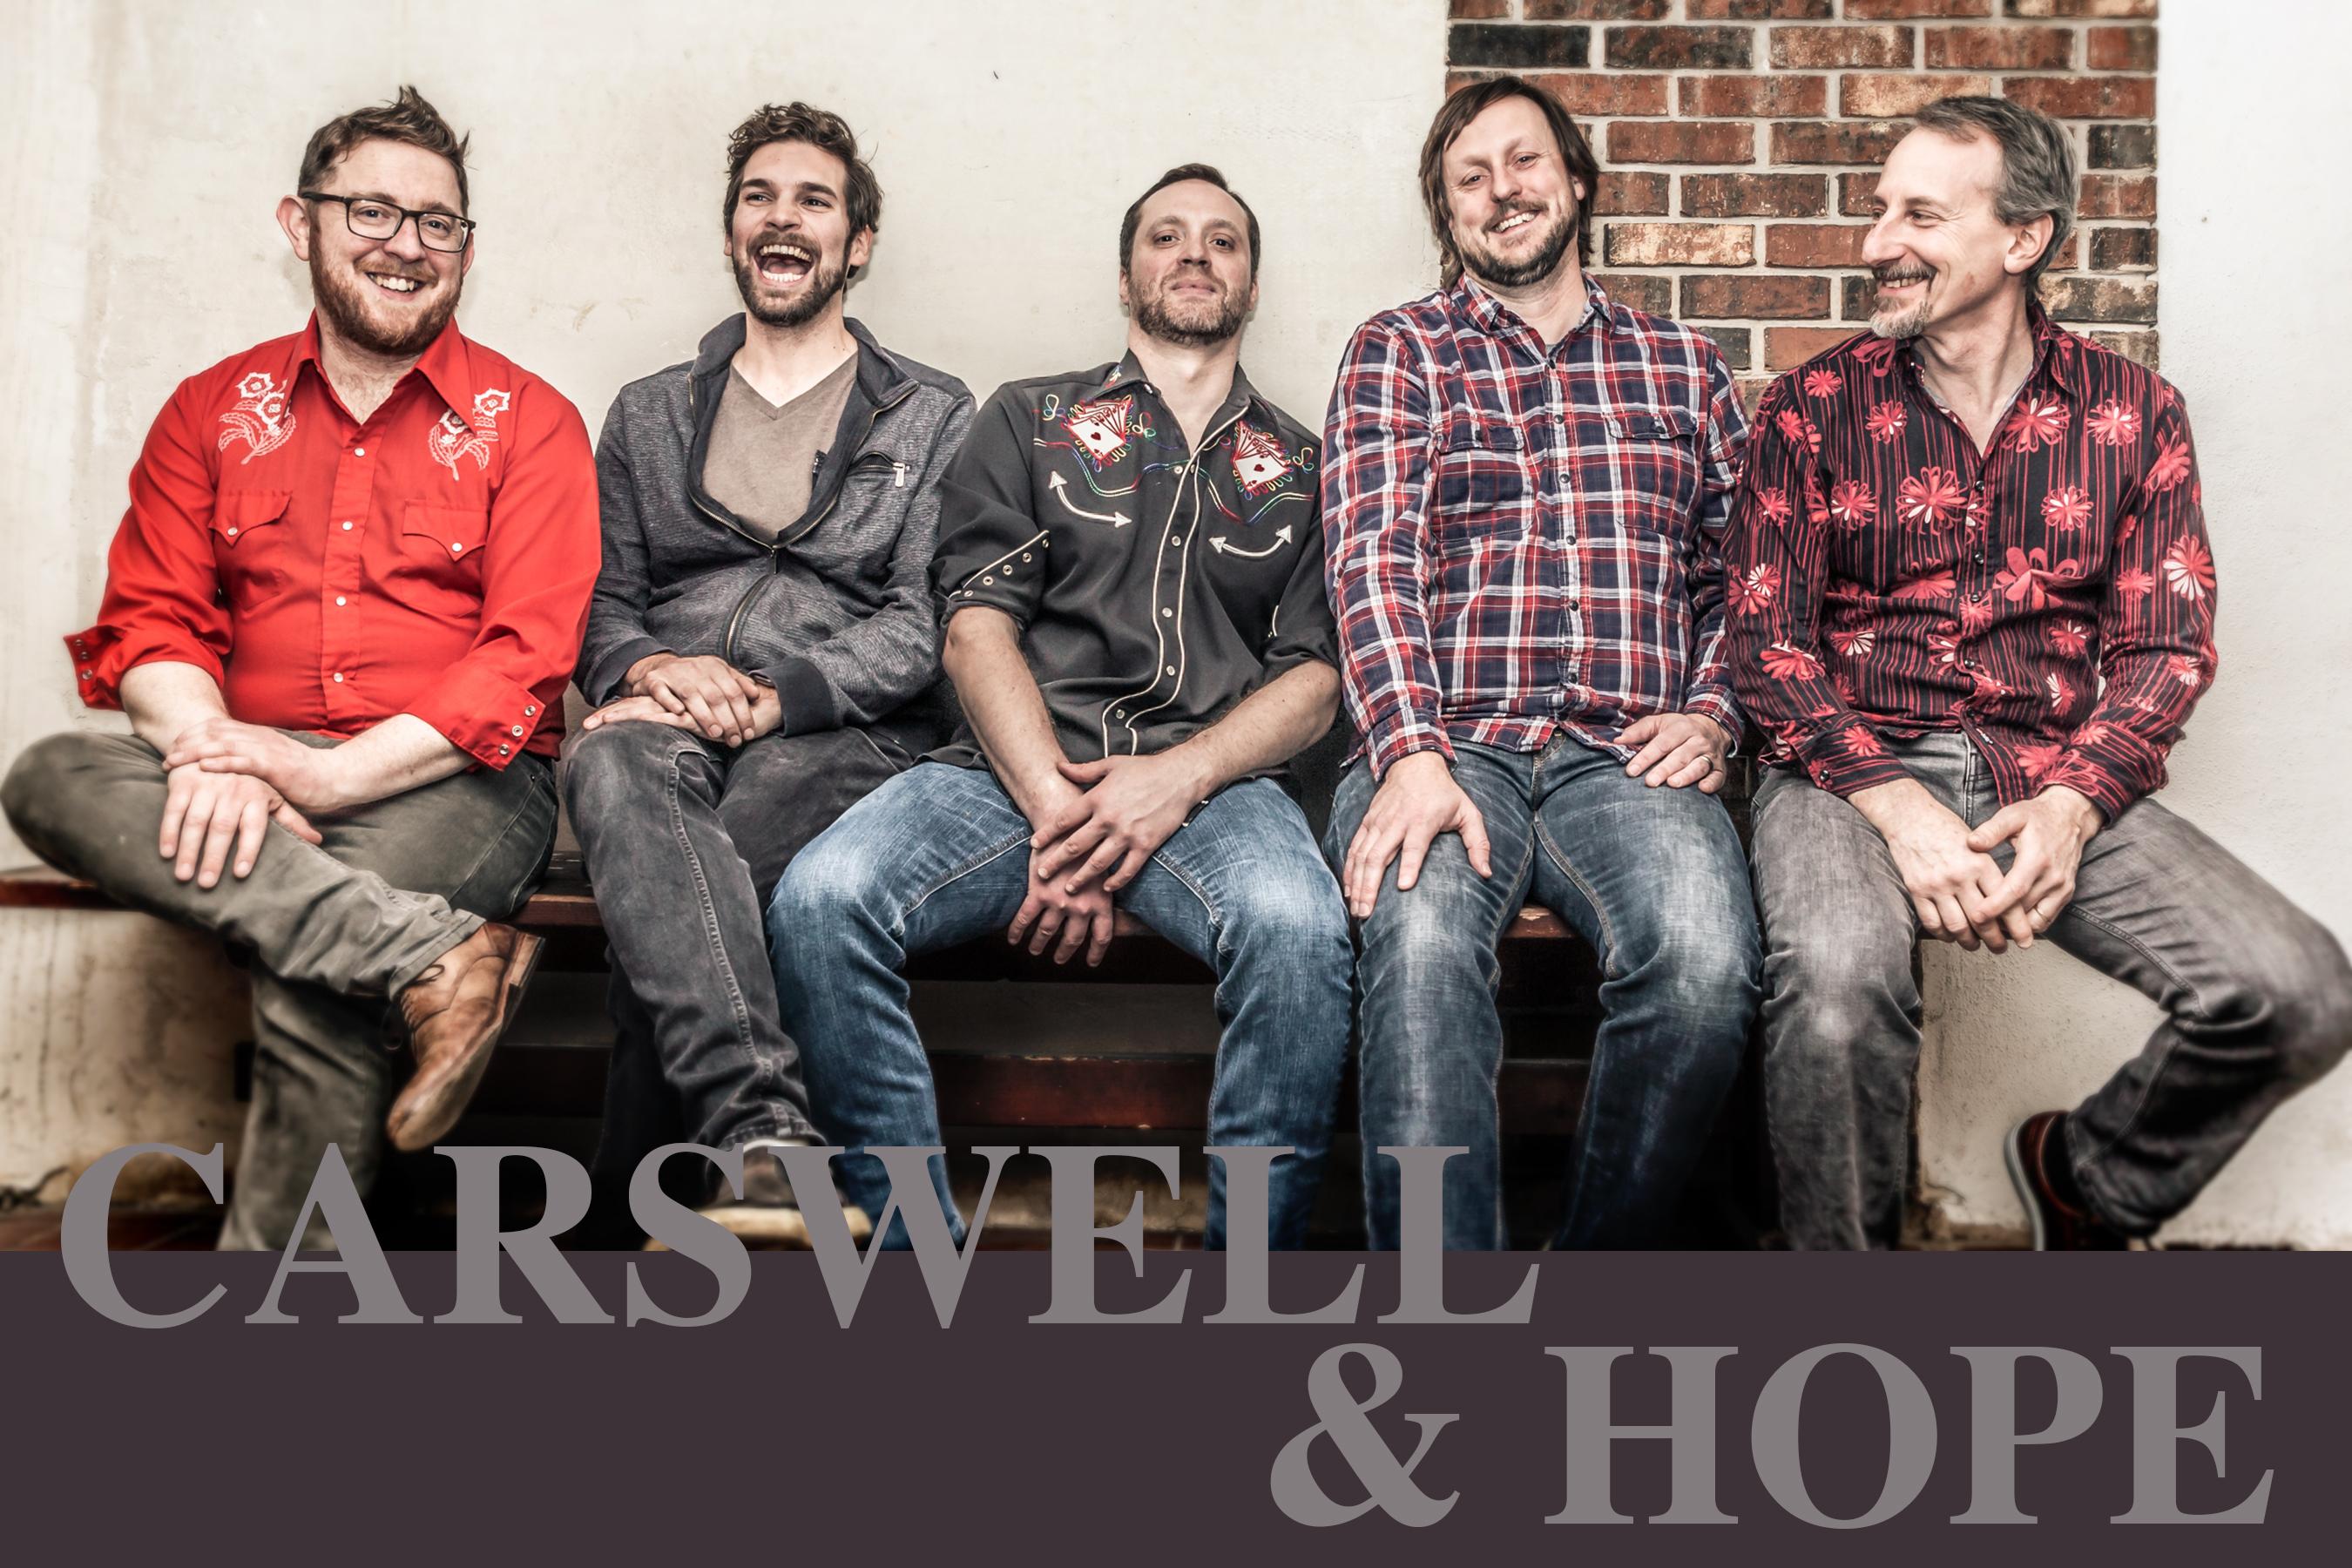 Carswell & Hope